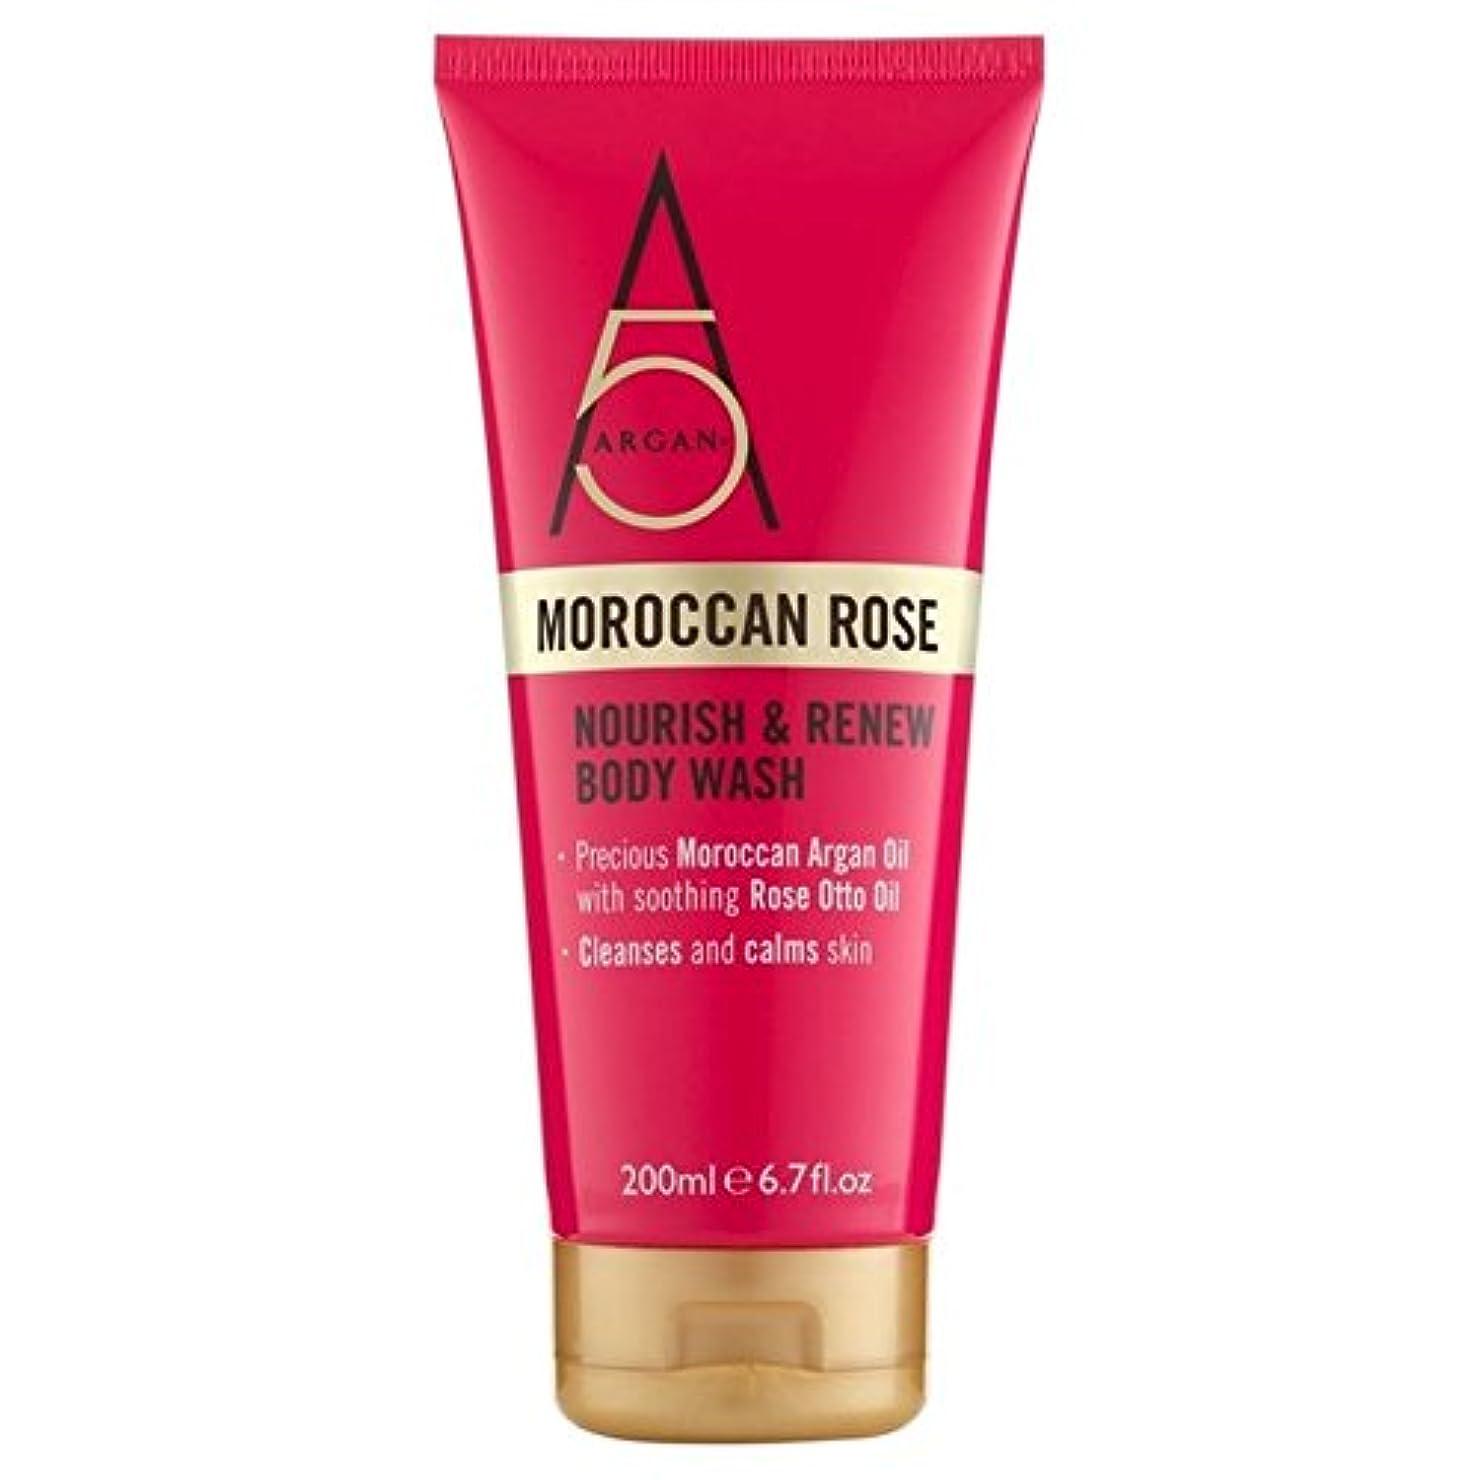 はず悲惨な徒歩でArgan+ Moroccan Rose Body Wash 300ml - アルガン+モロッコは、ボディウォッシュ300ミリリットルをバラ [並行輸入品]